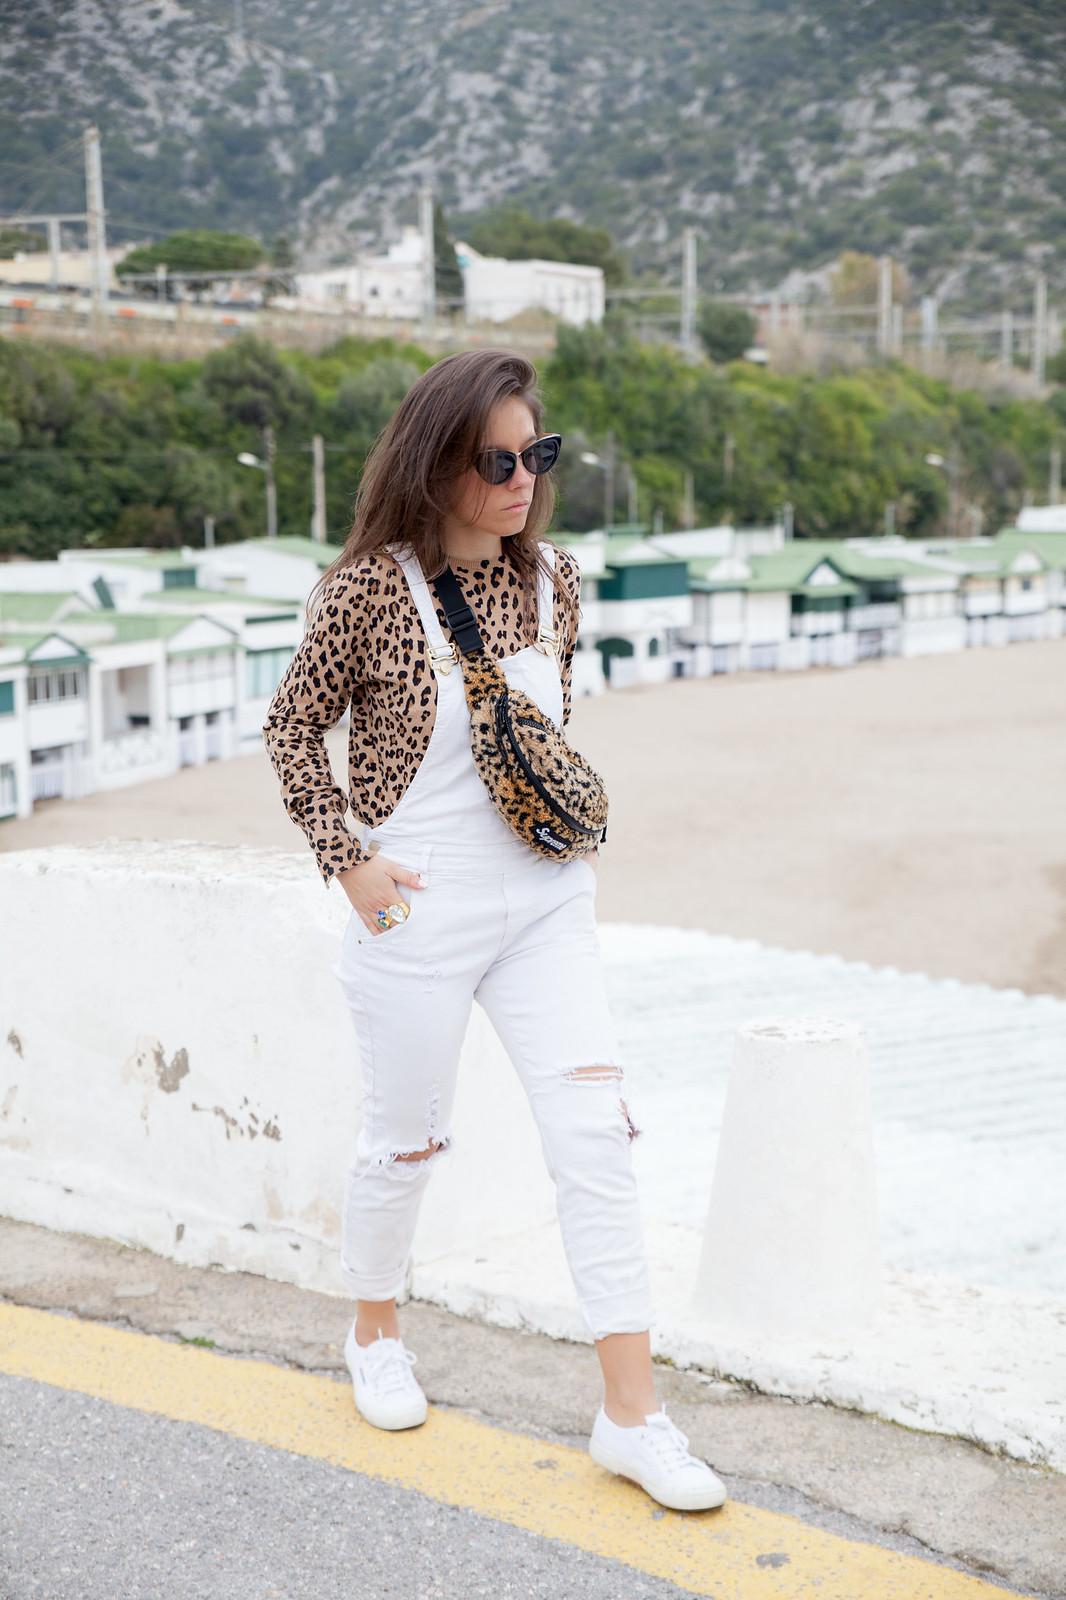 cómo cominar un peto blanco estilo sincerely jules a lo theguestgirl con riñonera Supreme y estampado leopardo